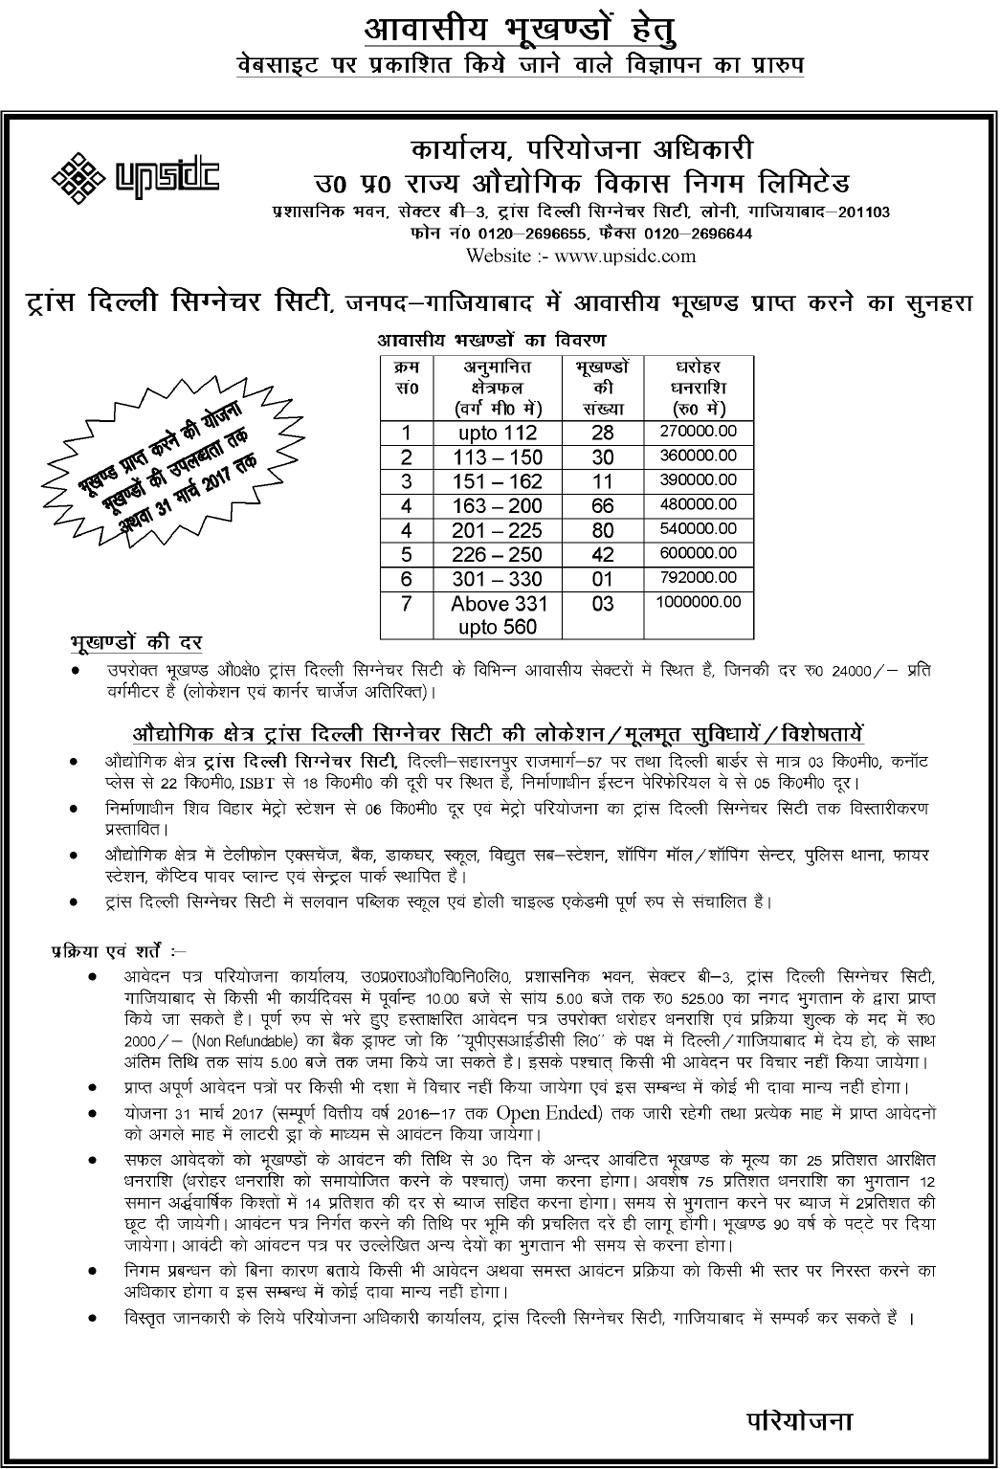 UPSIDC Trans Delhi Signature City Ghaziabad